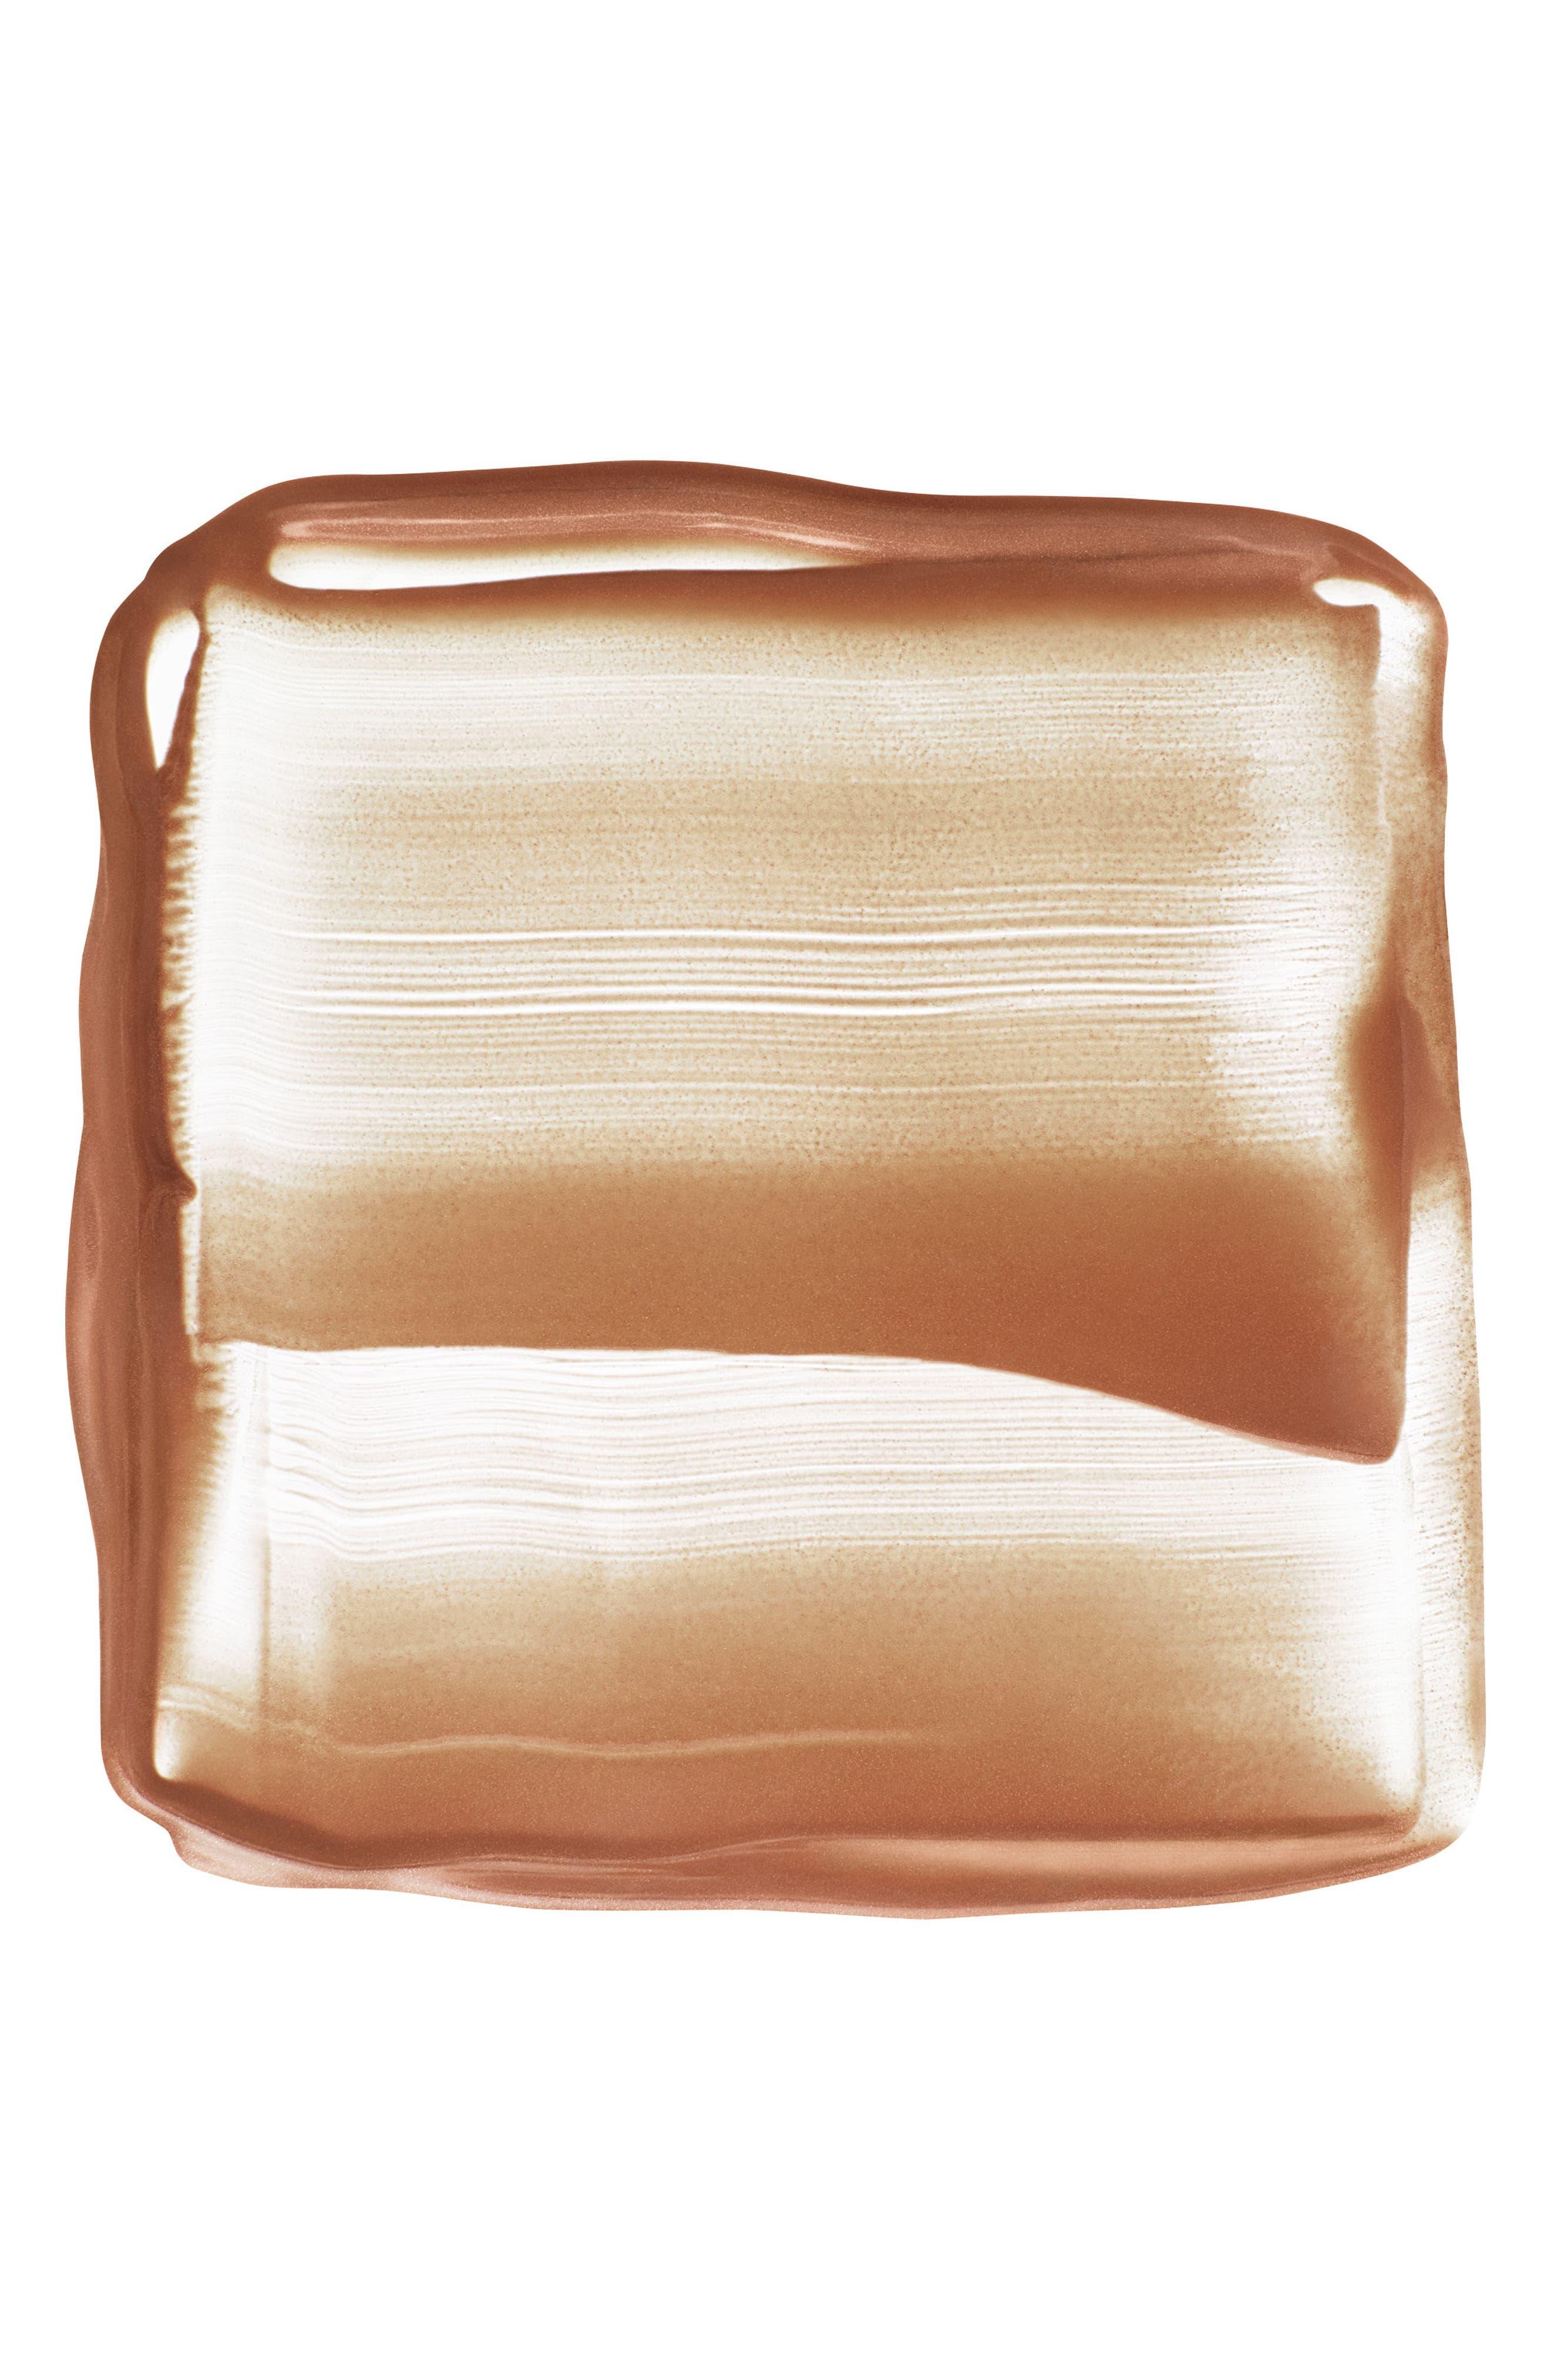 Alternate Image 3  - Perricone MD No Bronzer Bronzer Broad Spectrum SPF 30